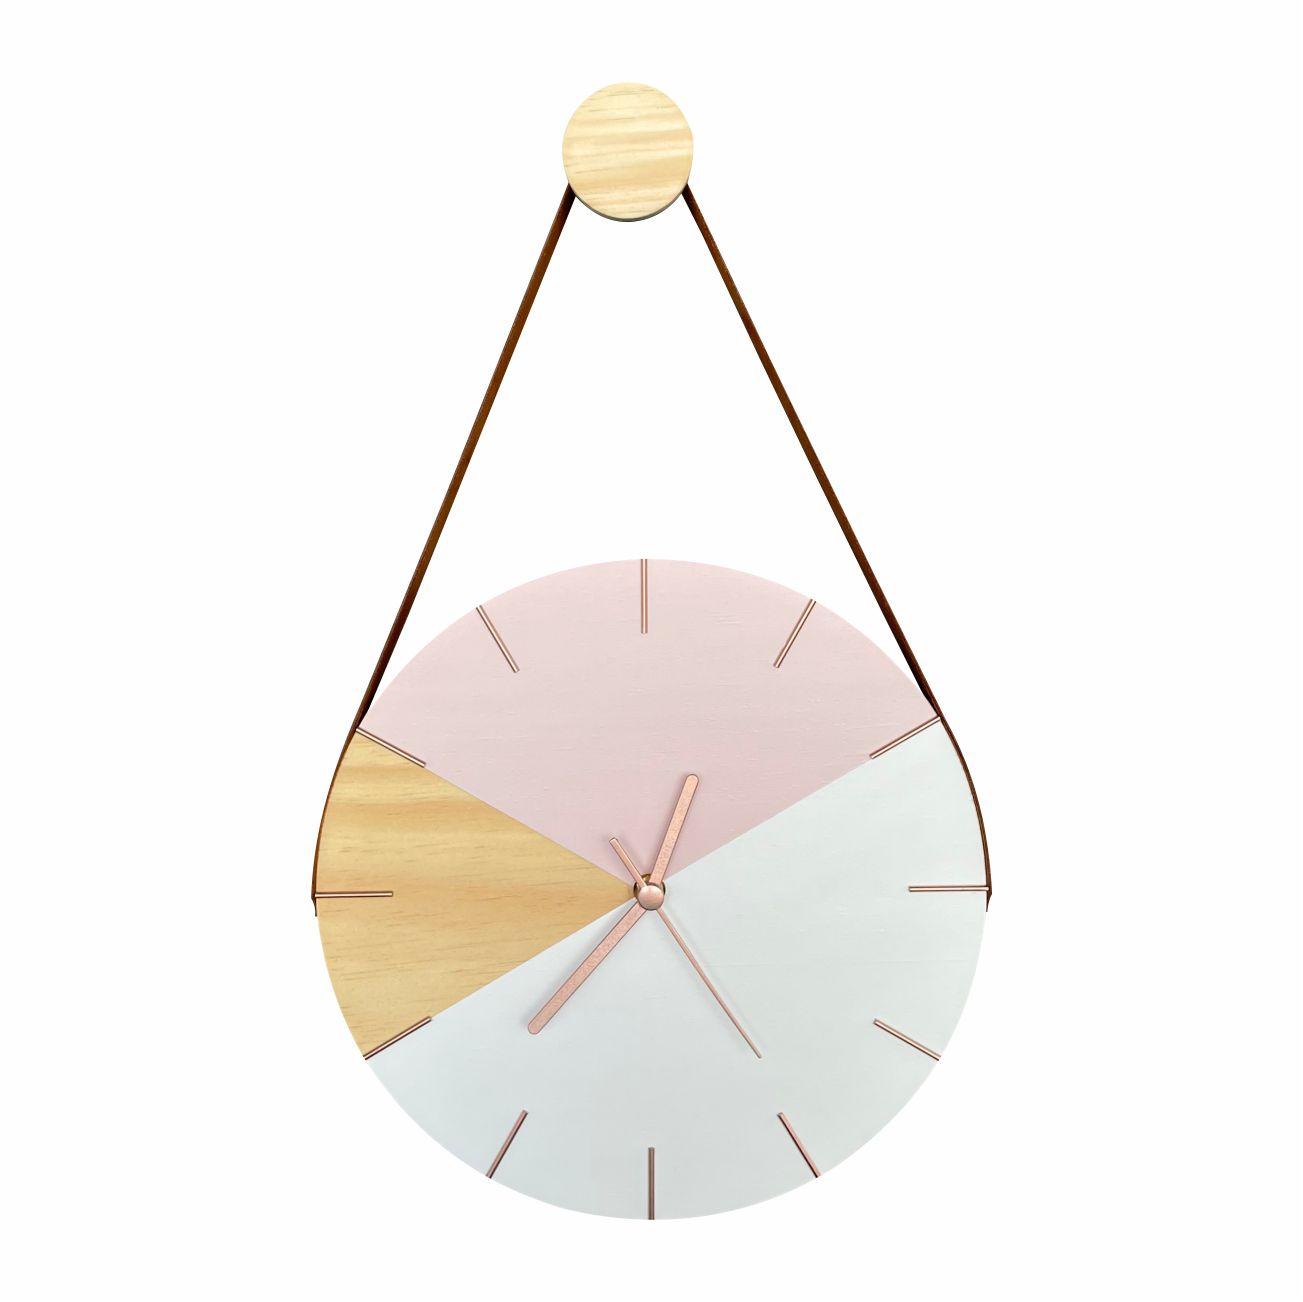 Relógio de Parede Geométrico Branco e Rosa com detalhes Rose Gold com Alça + Pendurador